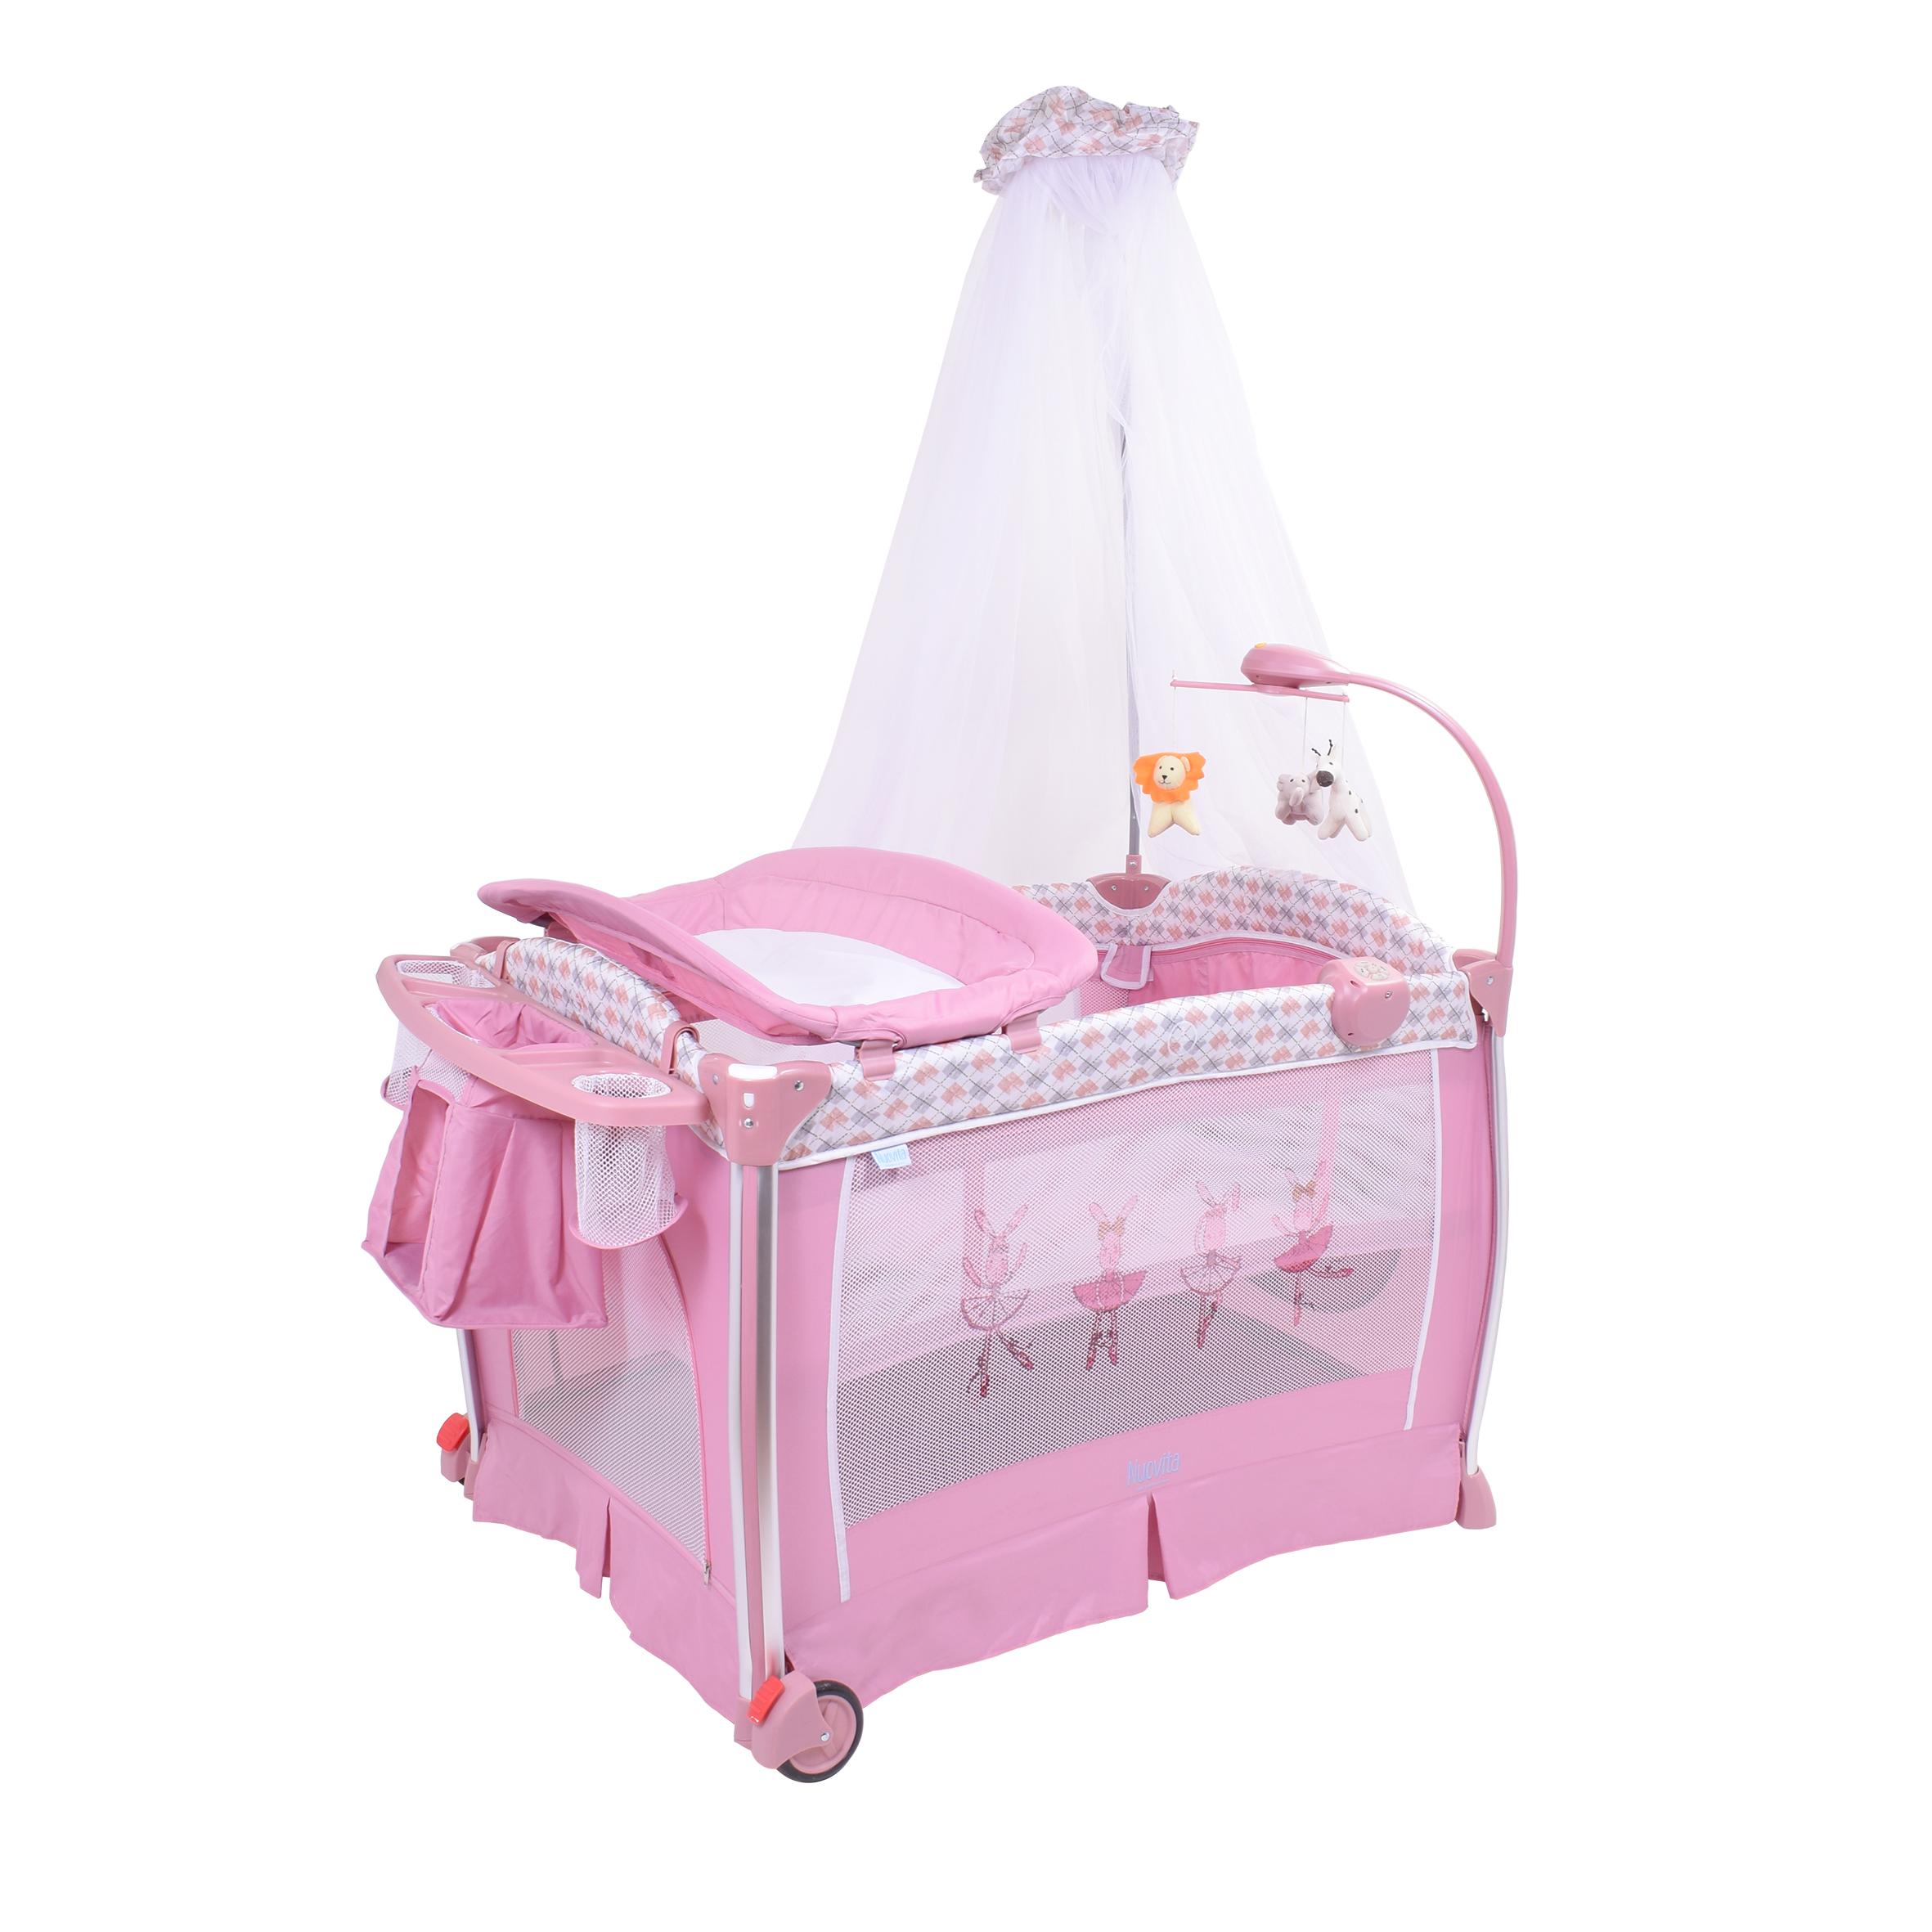 Детская кровать-манеж Nuovita Fortezza (Rosa/Розовый)